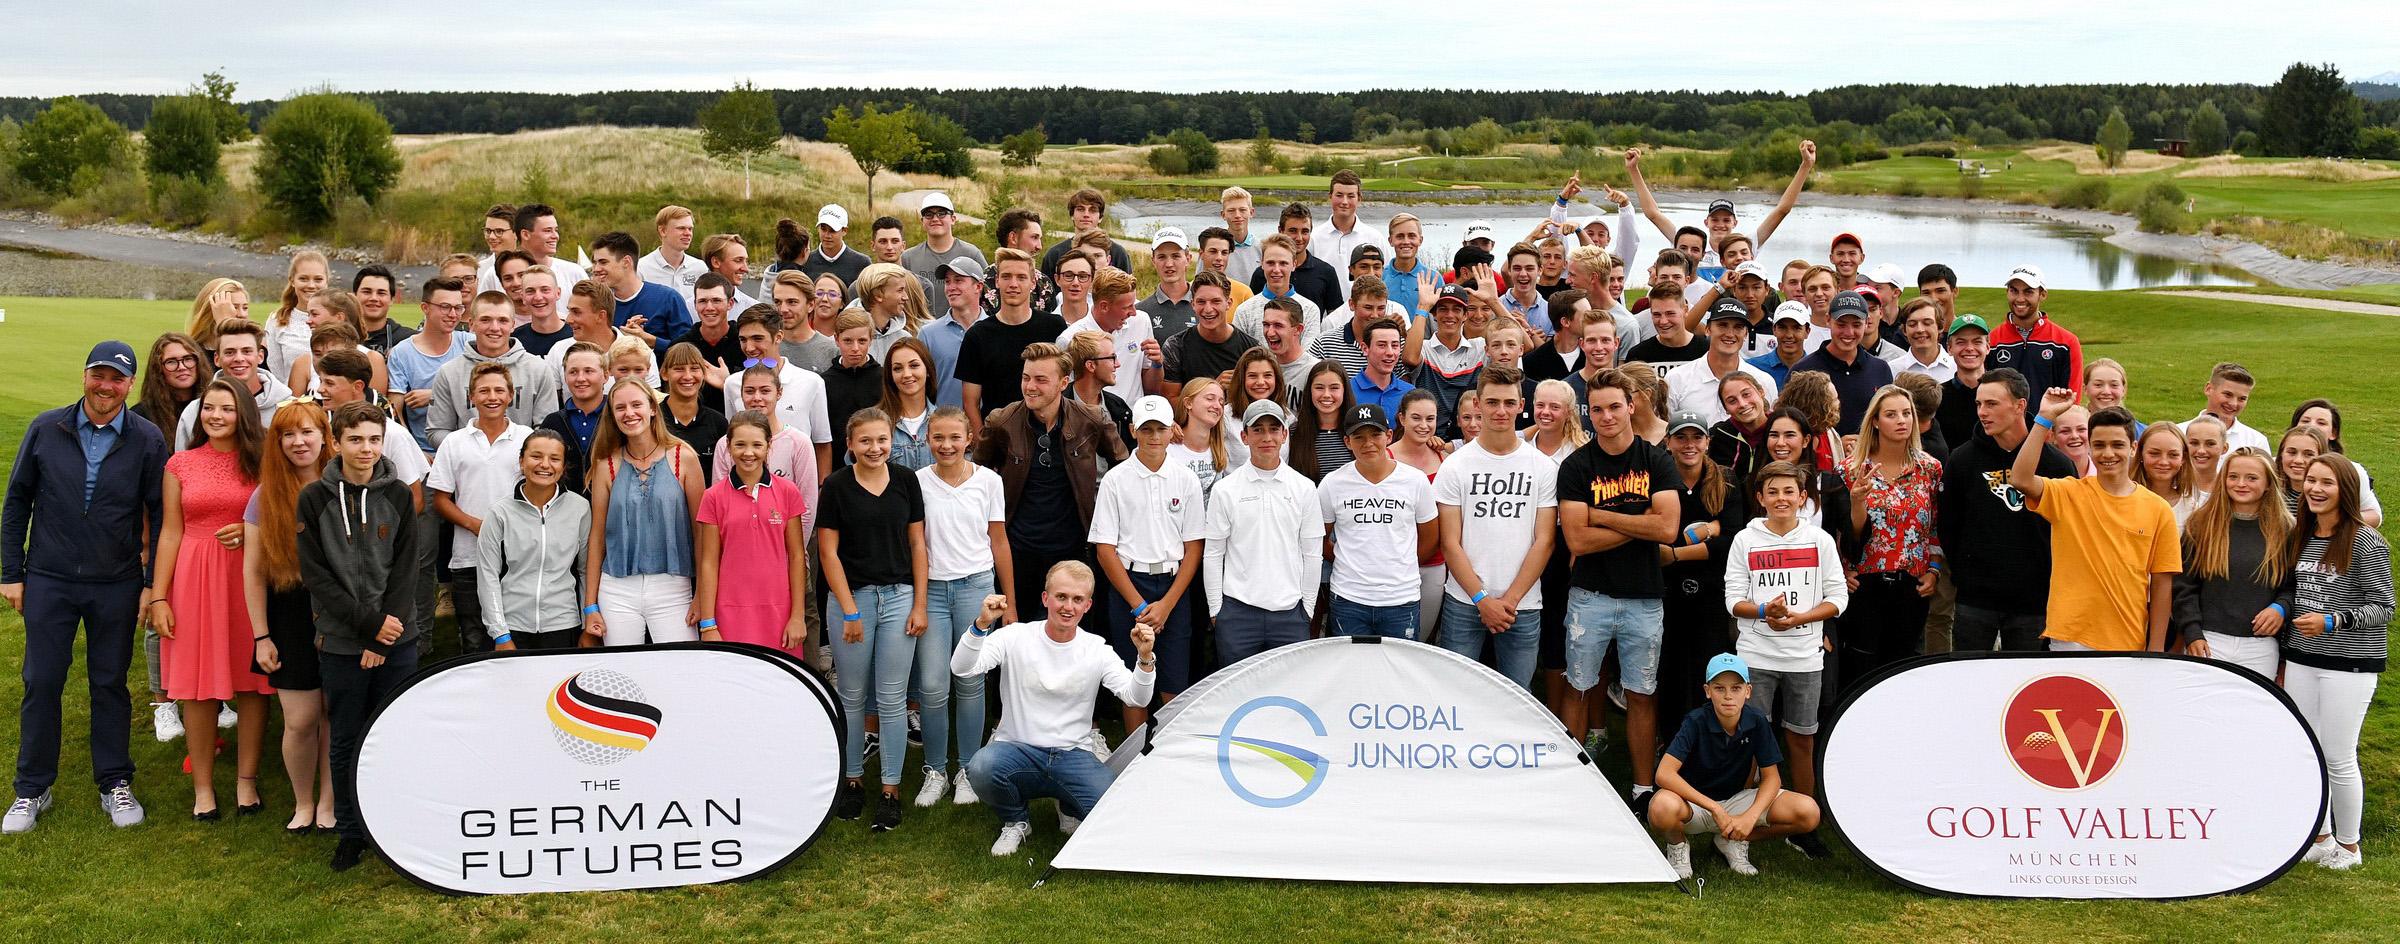 Alle Teilnehmer. Fotos: Frank Föhlinger